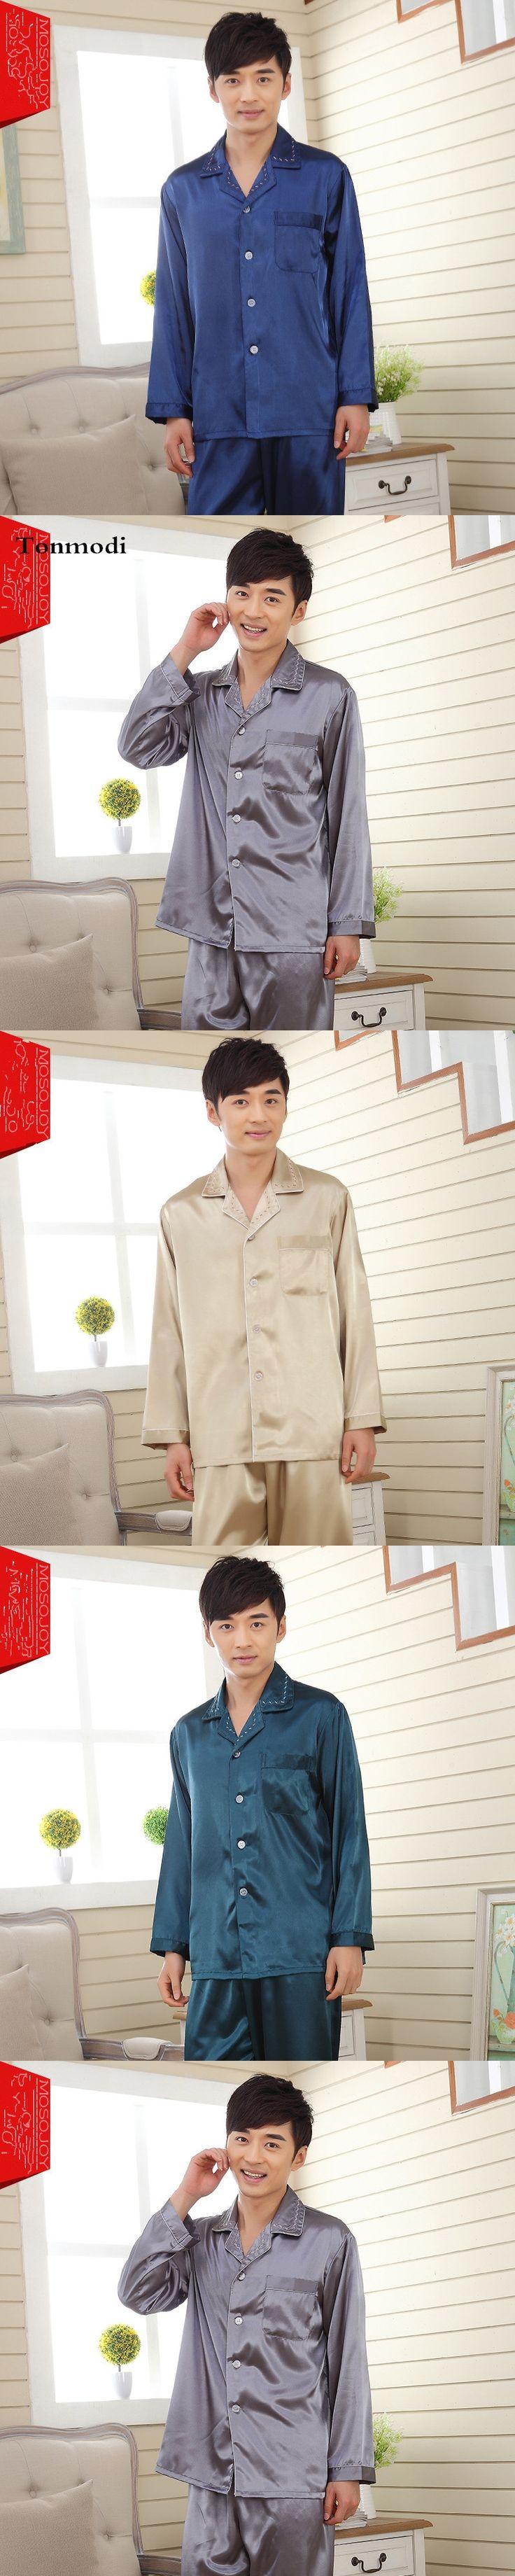 7 Color Men's Silk Pajamas Luxurious Silk Satin Pyjamas Pijama Men, Men's lounge Pajama Sets Plus Size 3XL Pijama Hombre